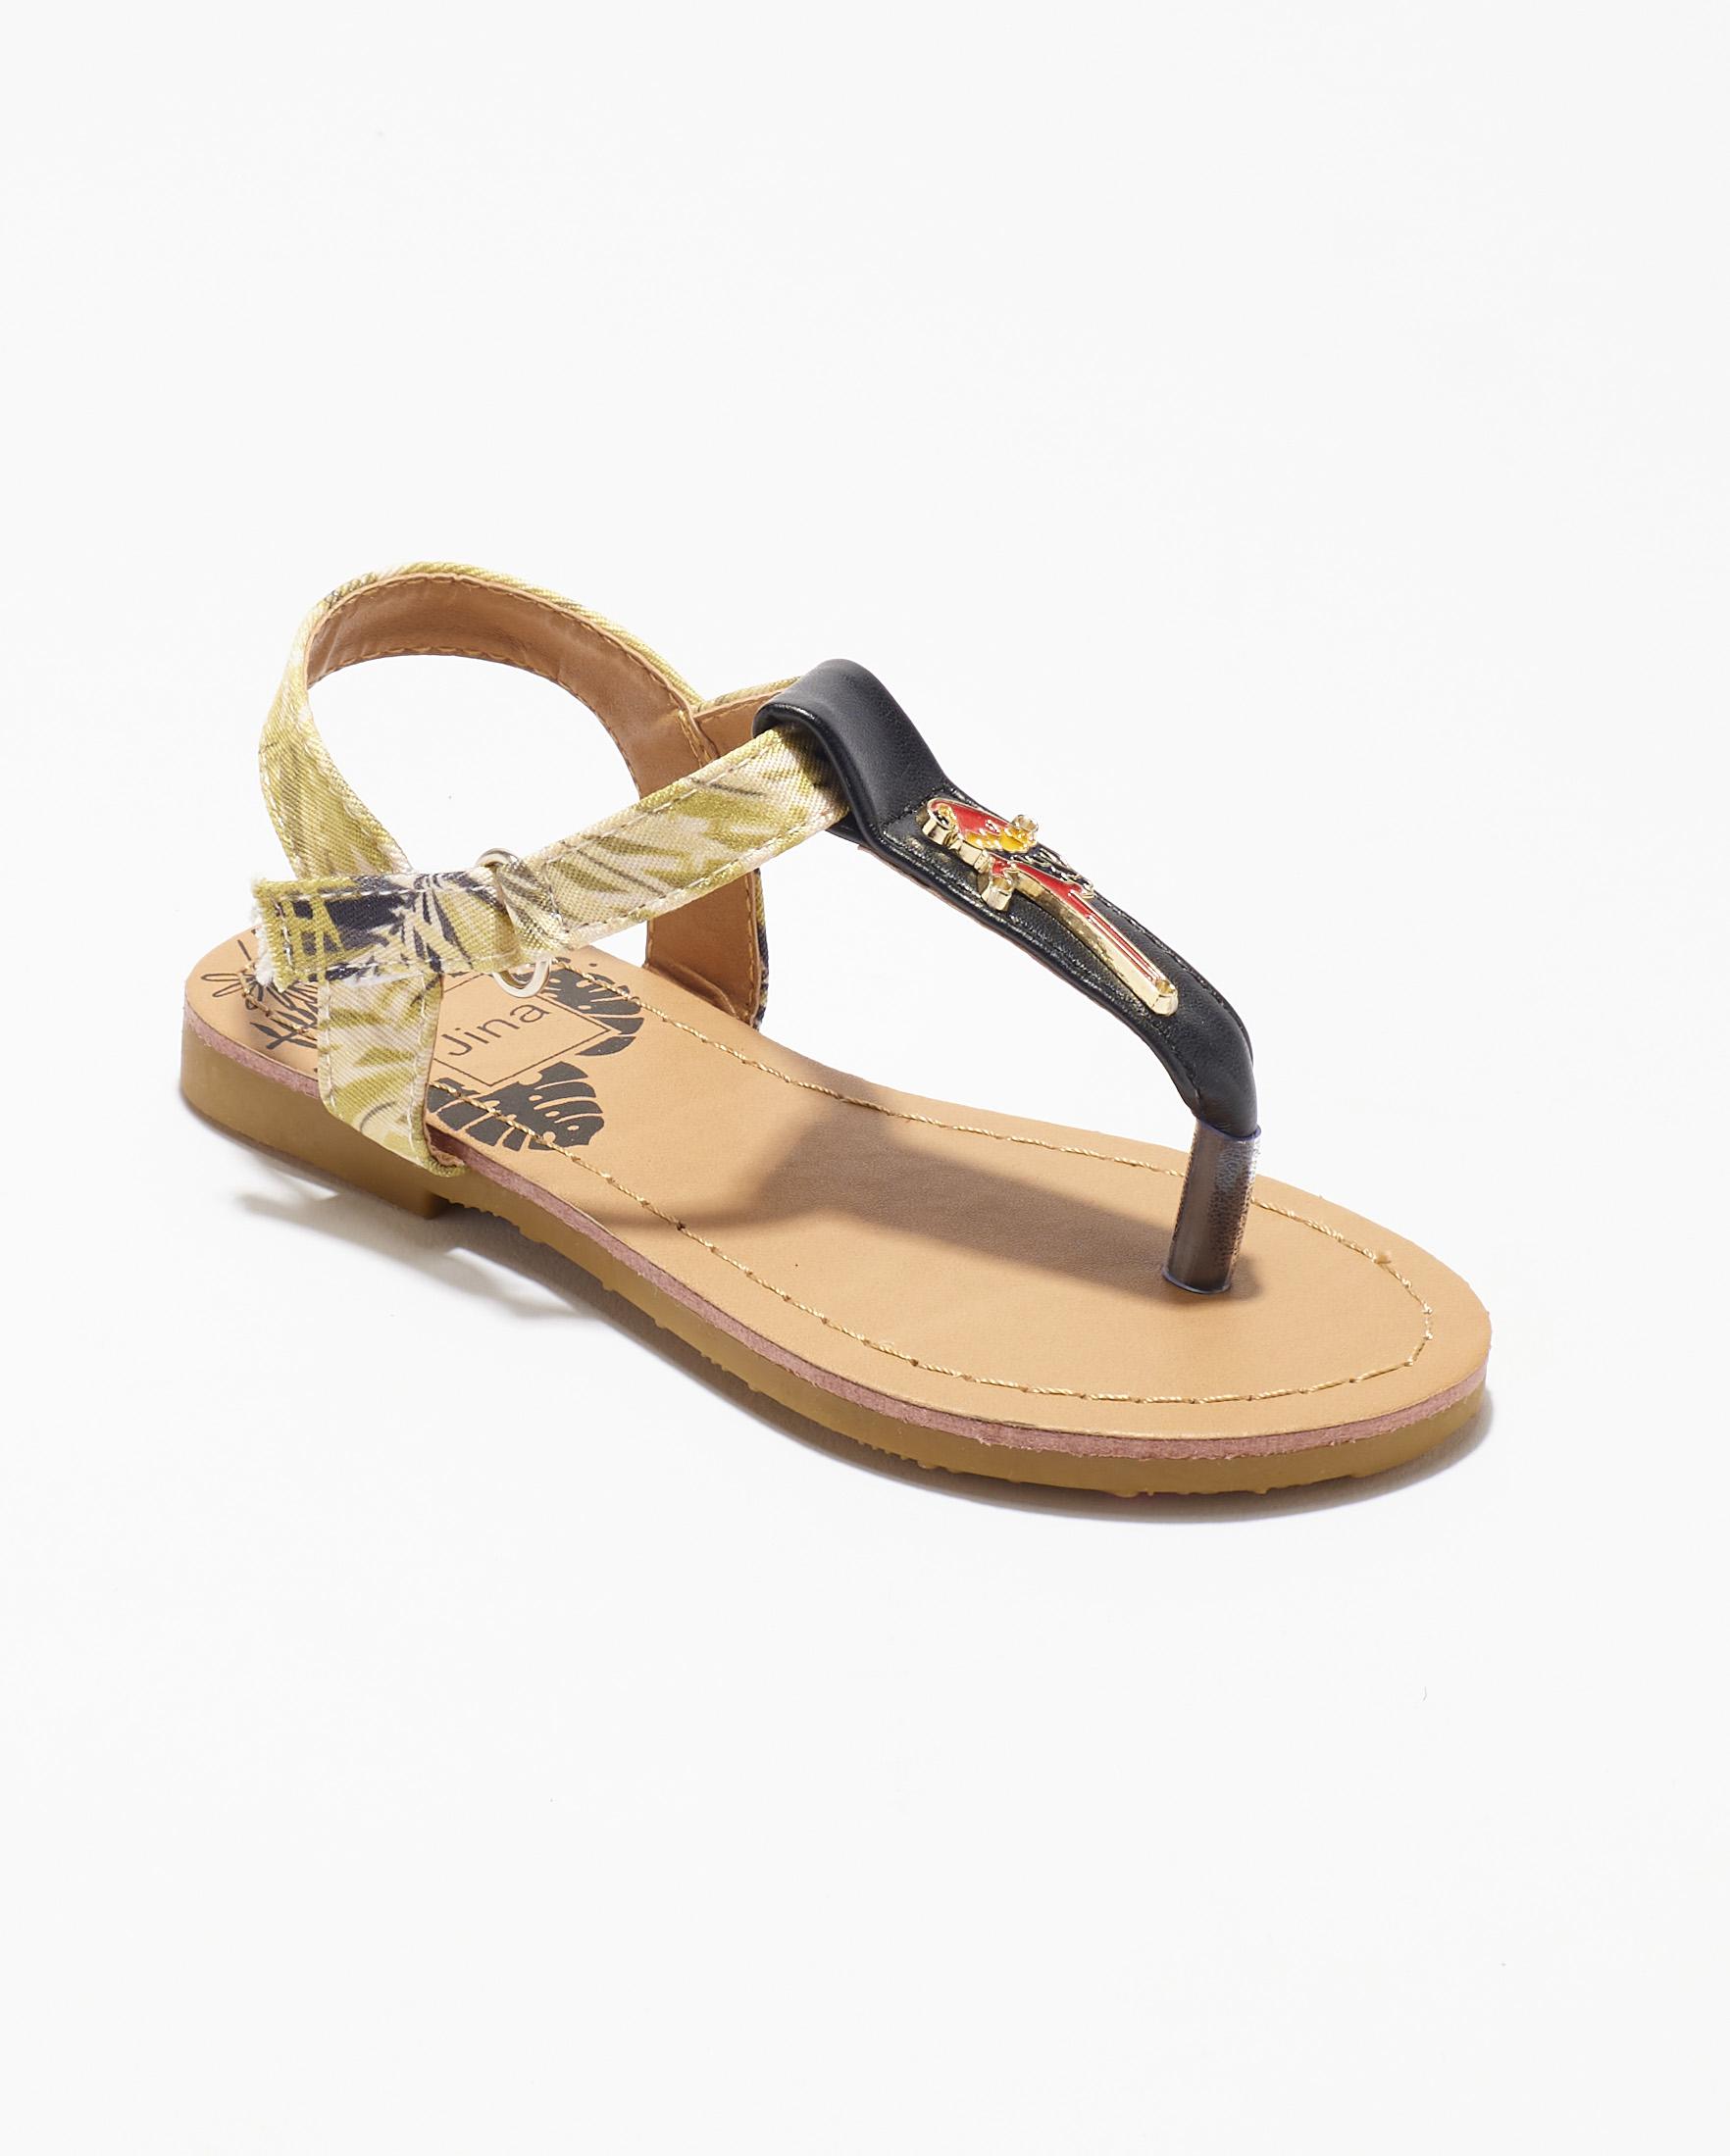 Sandales Fille - Sandale Ouverte Noir Jina - Ydx0212-Jn Ef